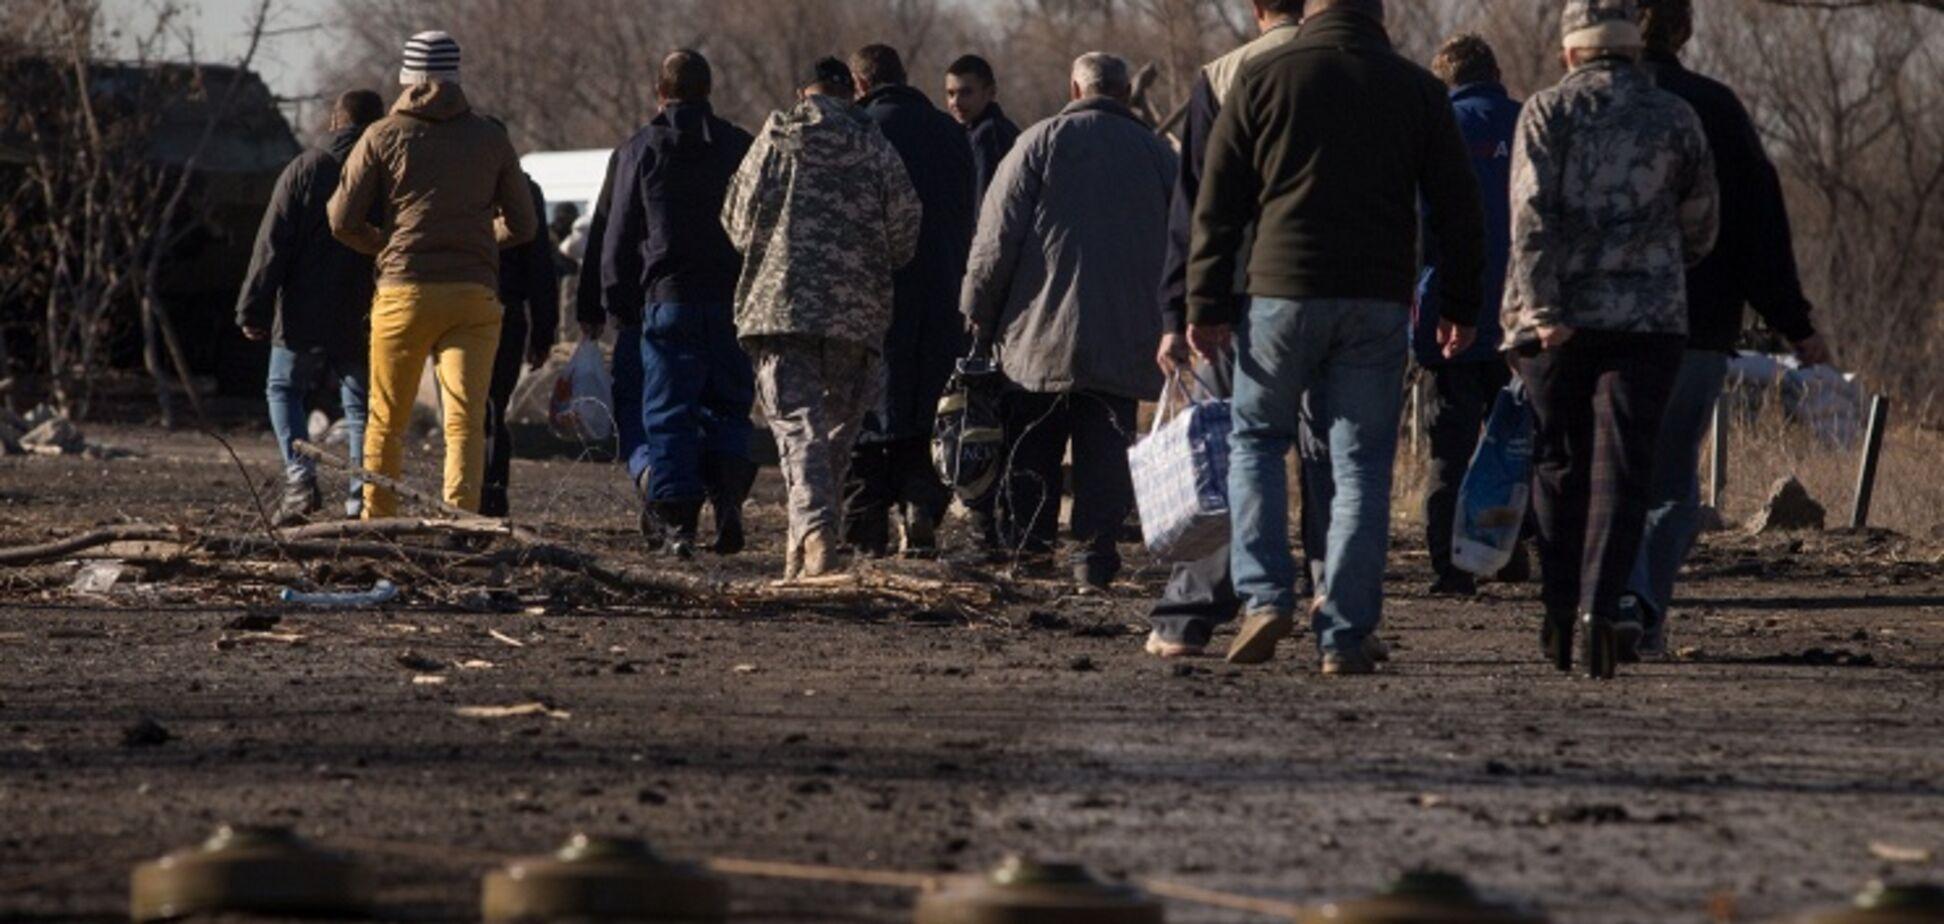 Срыв обмена пленными: у Порошенко признали серьезную опасность